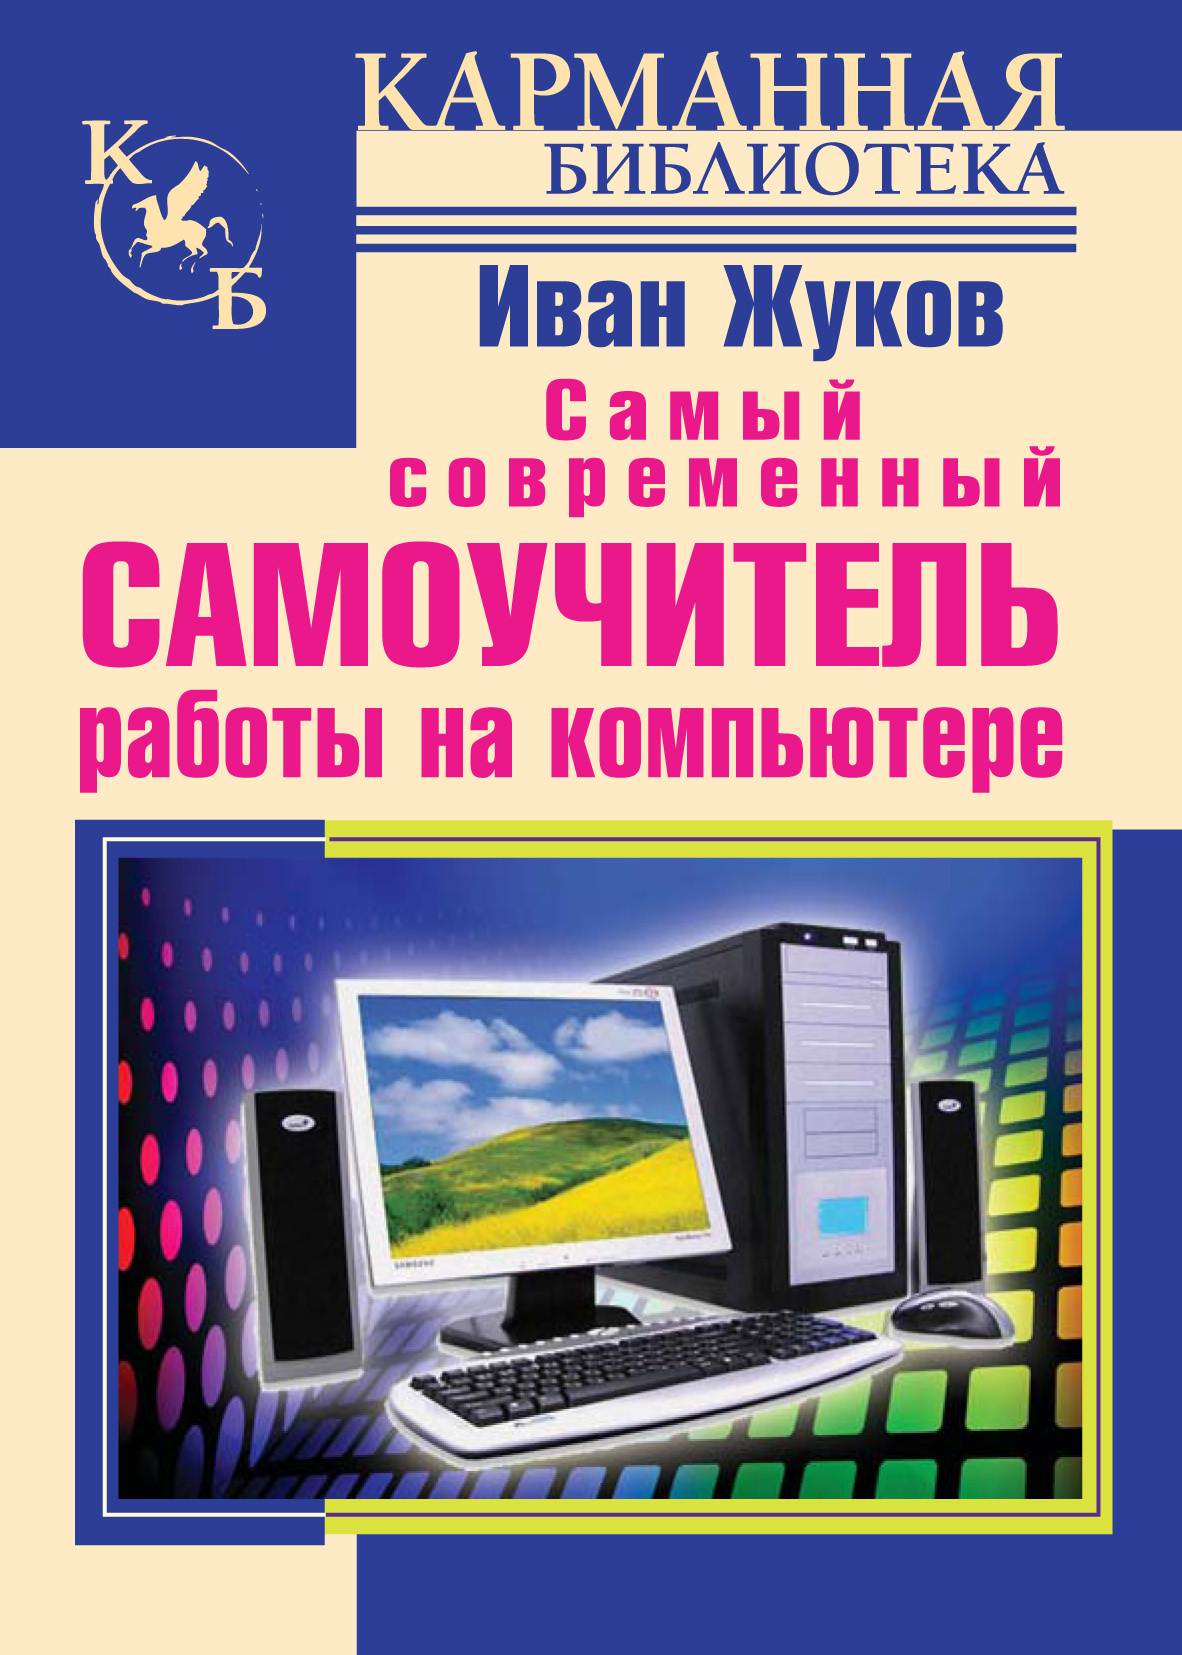 Иван Жуков Самый современный самоучитель работы на компьютере иван жуков самый полезный самоучитель работы на компьютере